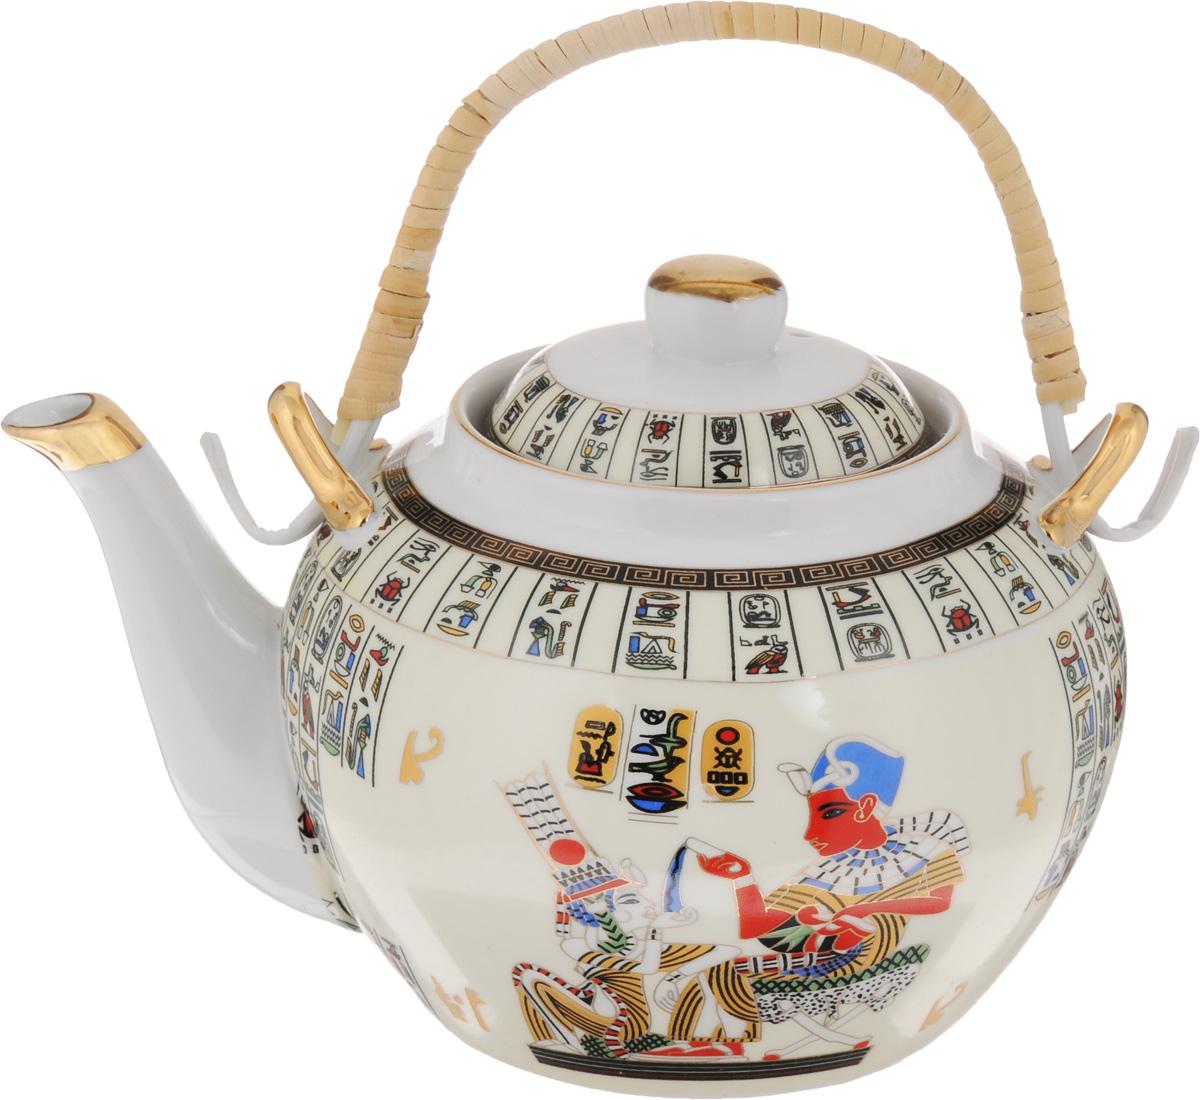 Чайник заварочный Loraine Египет, с фильтром, 1 л. 2113221132Заварочный чайник Loraine Египет изготовлен из керамики и оформлен красивым рисунком. Чайникоснащен сетчатым фильтром из металла, который задерживает чаинки и предотвращает их попадание в чашку. Заварочный чайник Loraine Египет займет достойное место на вашей кухне, атакже послужит хорошим подарком для друзей и близких.Диаметр: 6 см.Диаметр основания: 9 см.Высота фильтра: 5 см.Высота чайника (без учета ручки и крышки): 11 см.